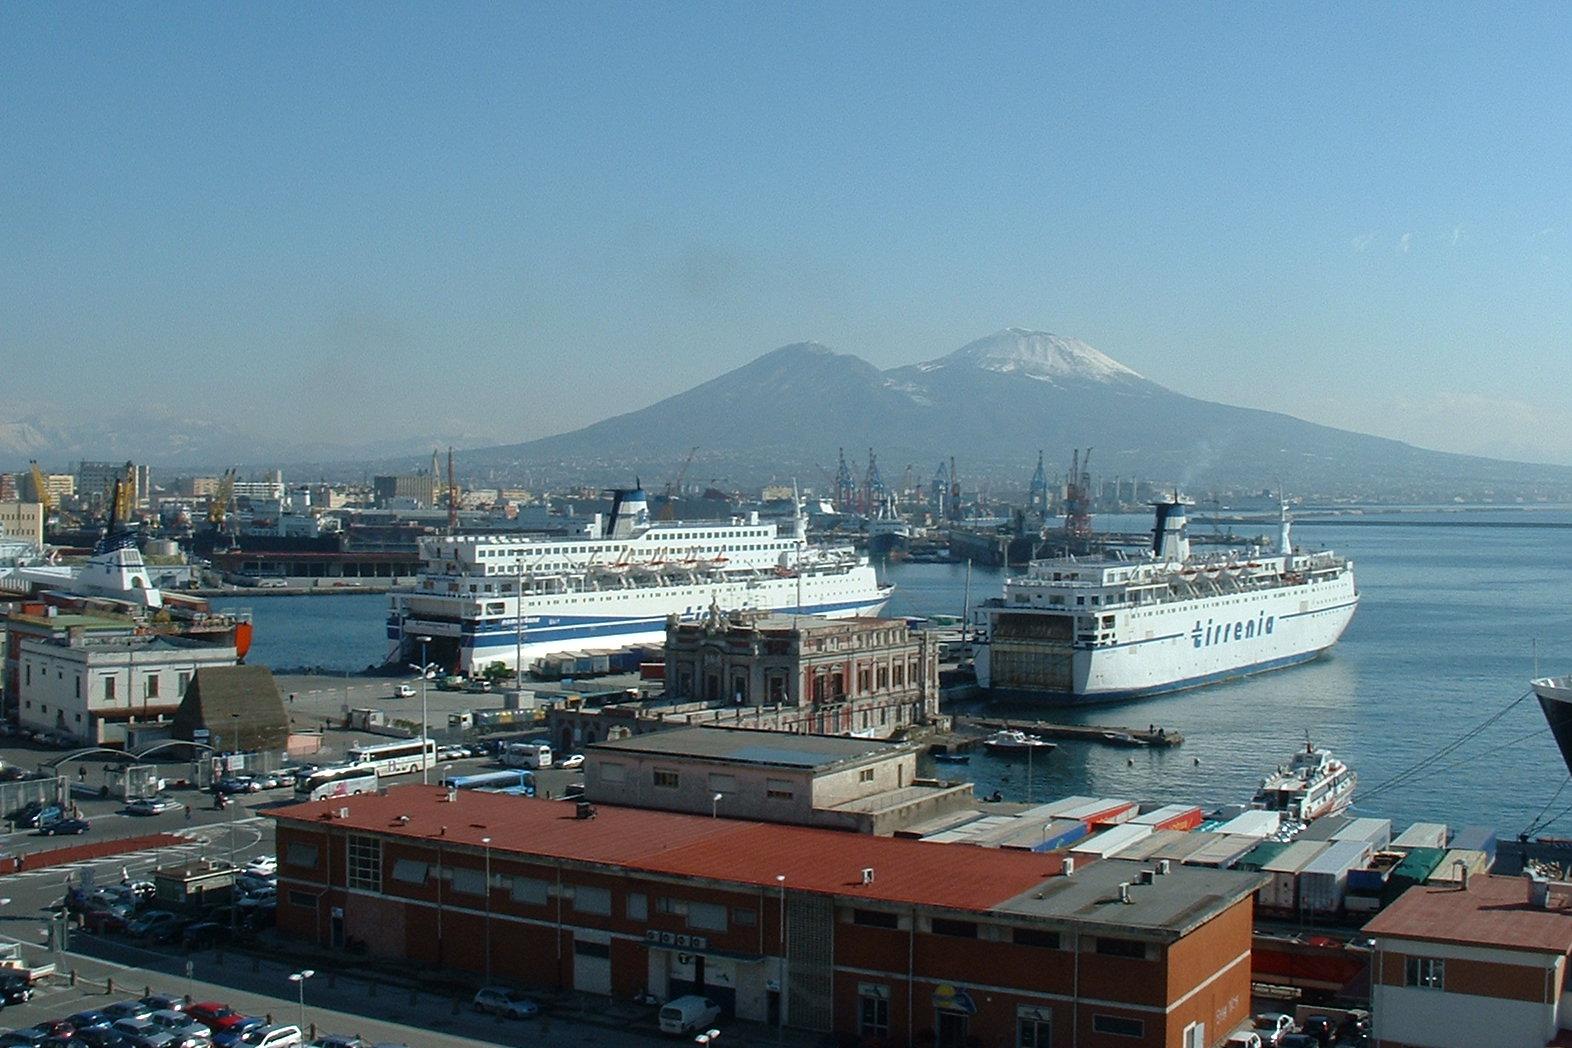 Maritime security, il porto di Napoli ispezionato dalla Comunità europea